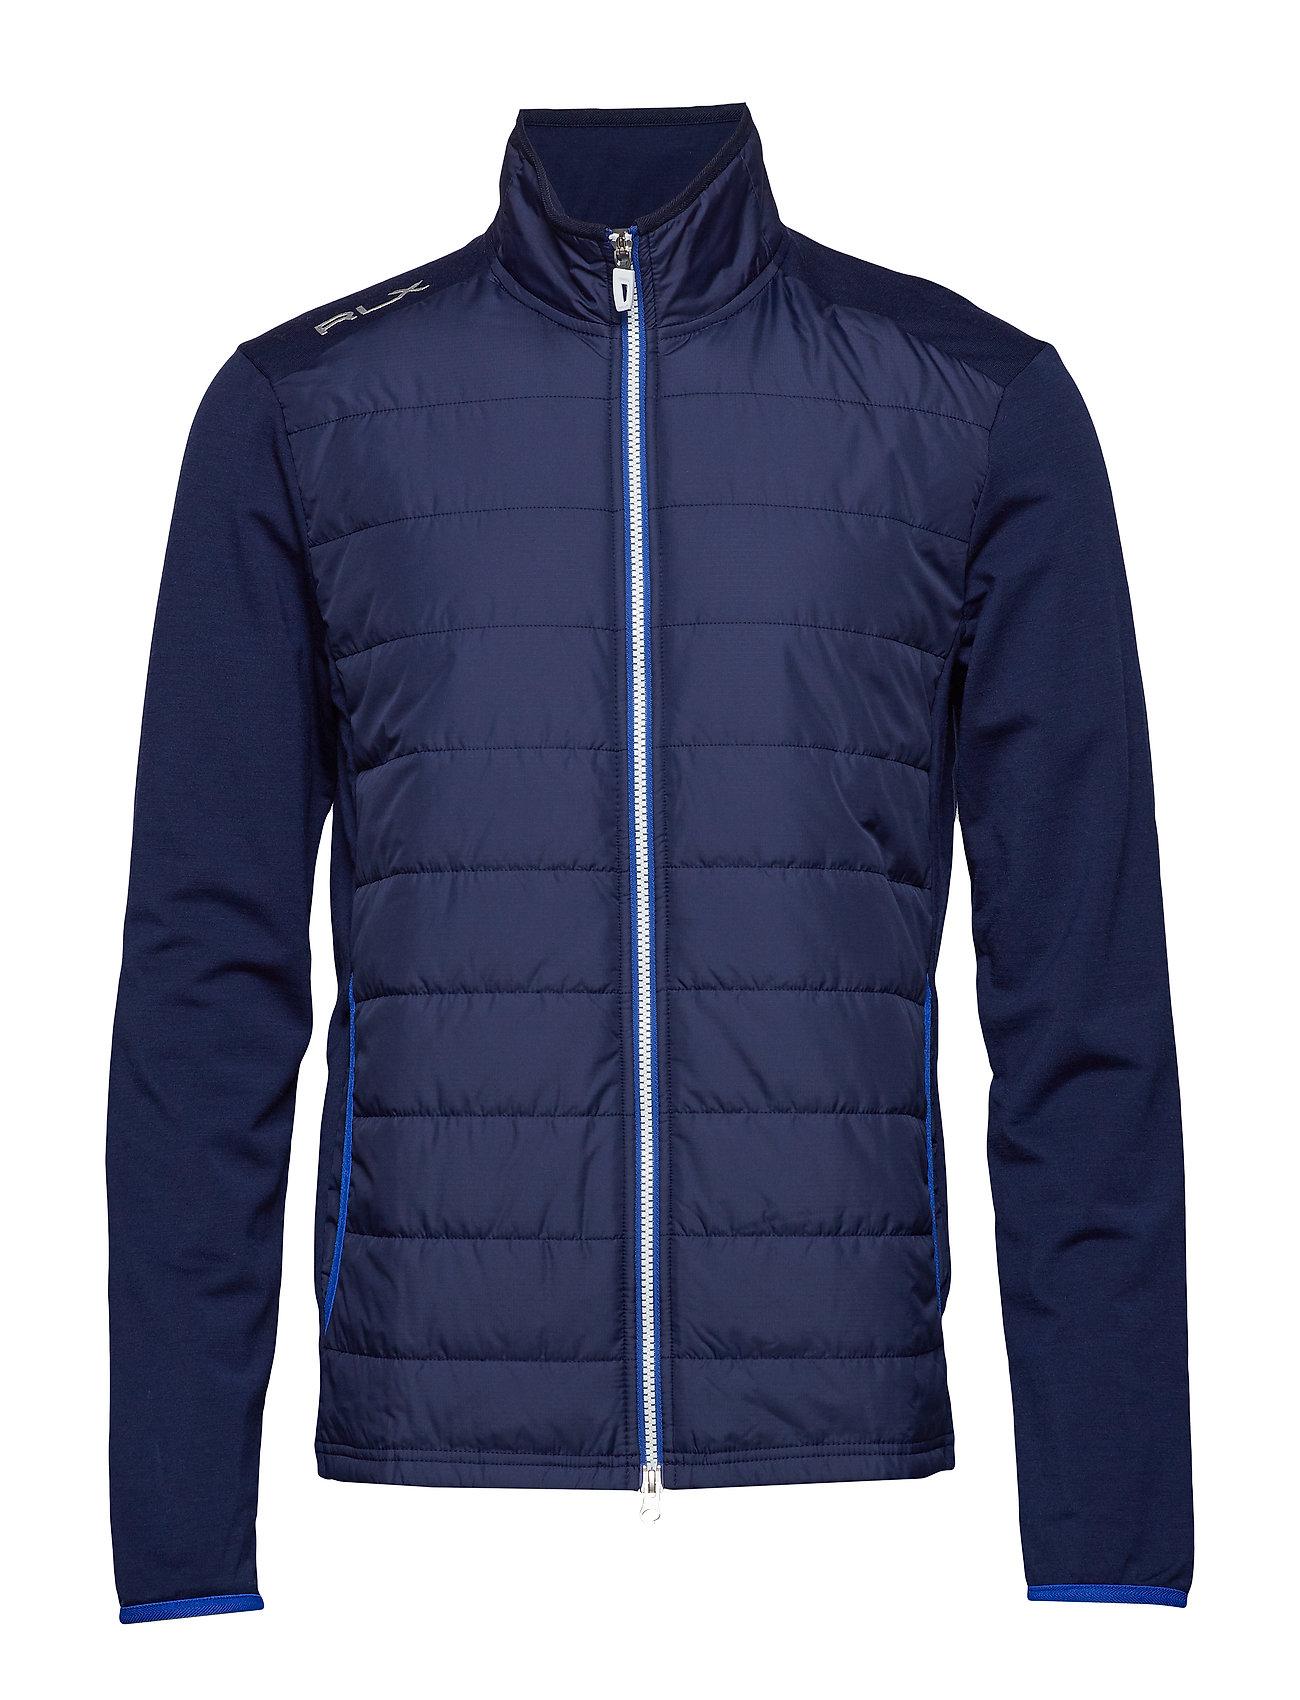 Ralph Lauren Golf Stretch Wool Golf Jacket - FRENCH NAVY